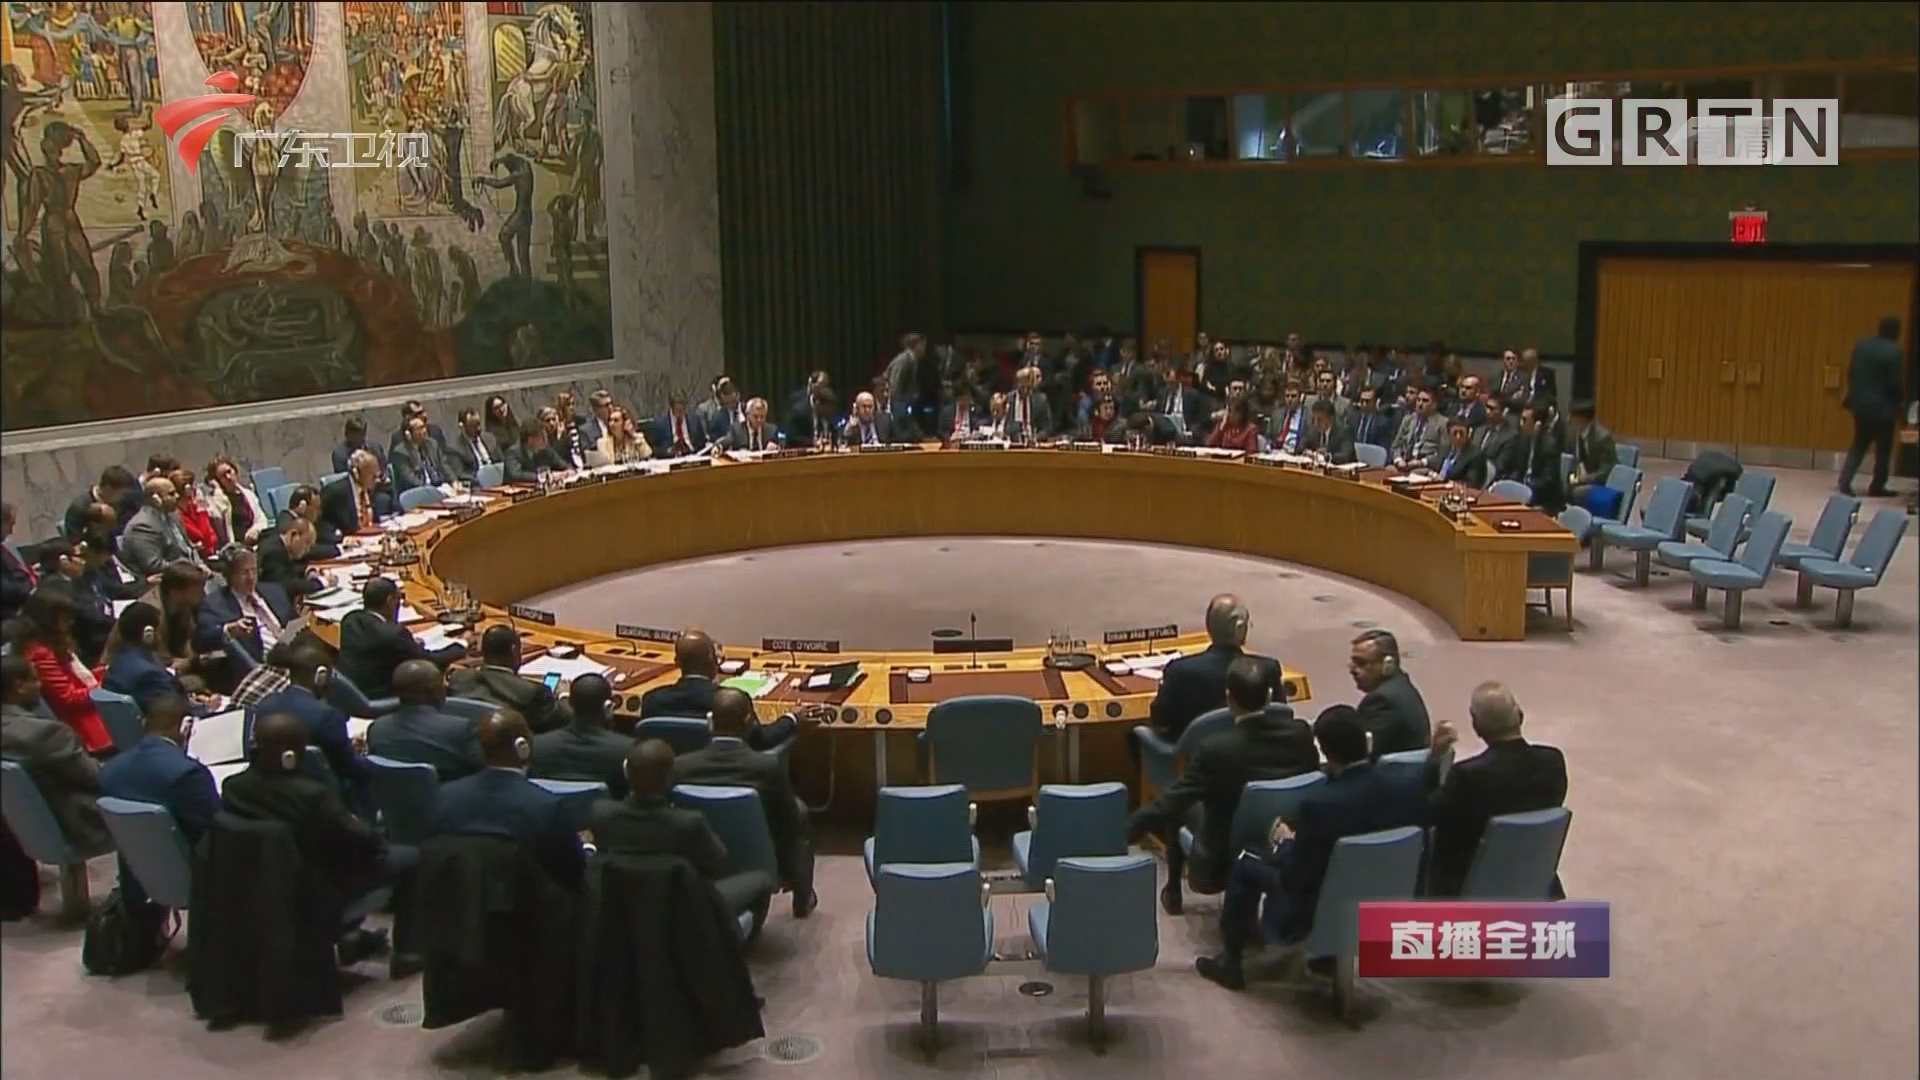 叙利亚化武事件升级 美俄决议案均遭否决:安理会三份涉叙决议草案均未通过